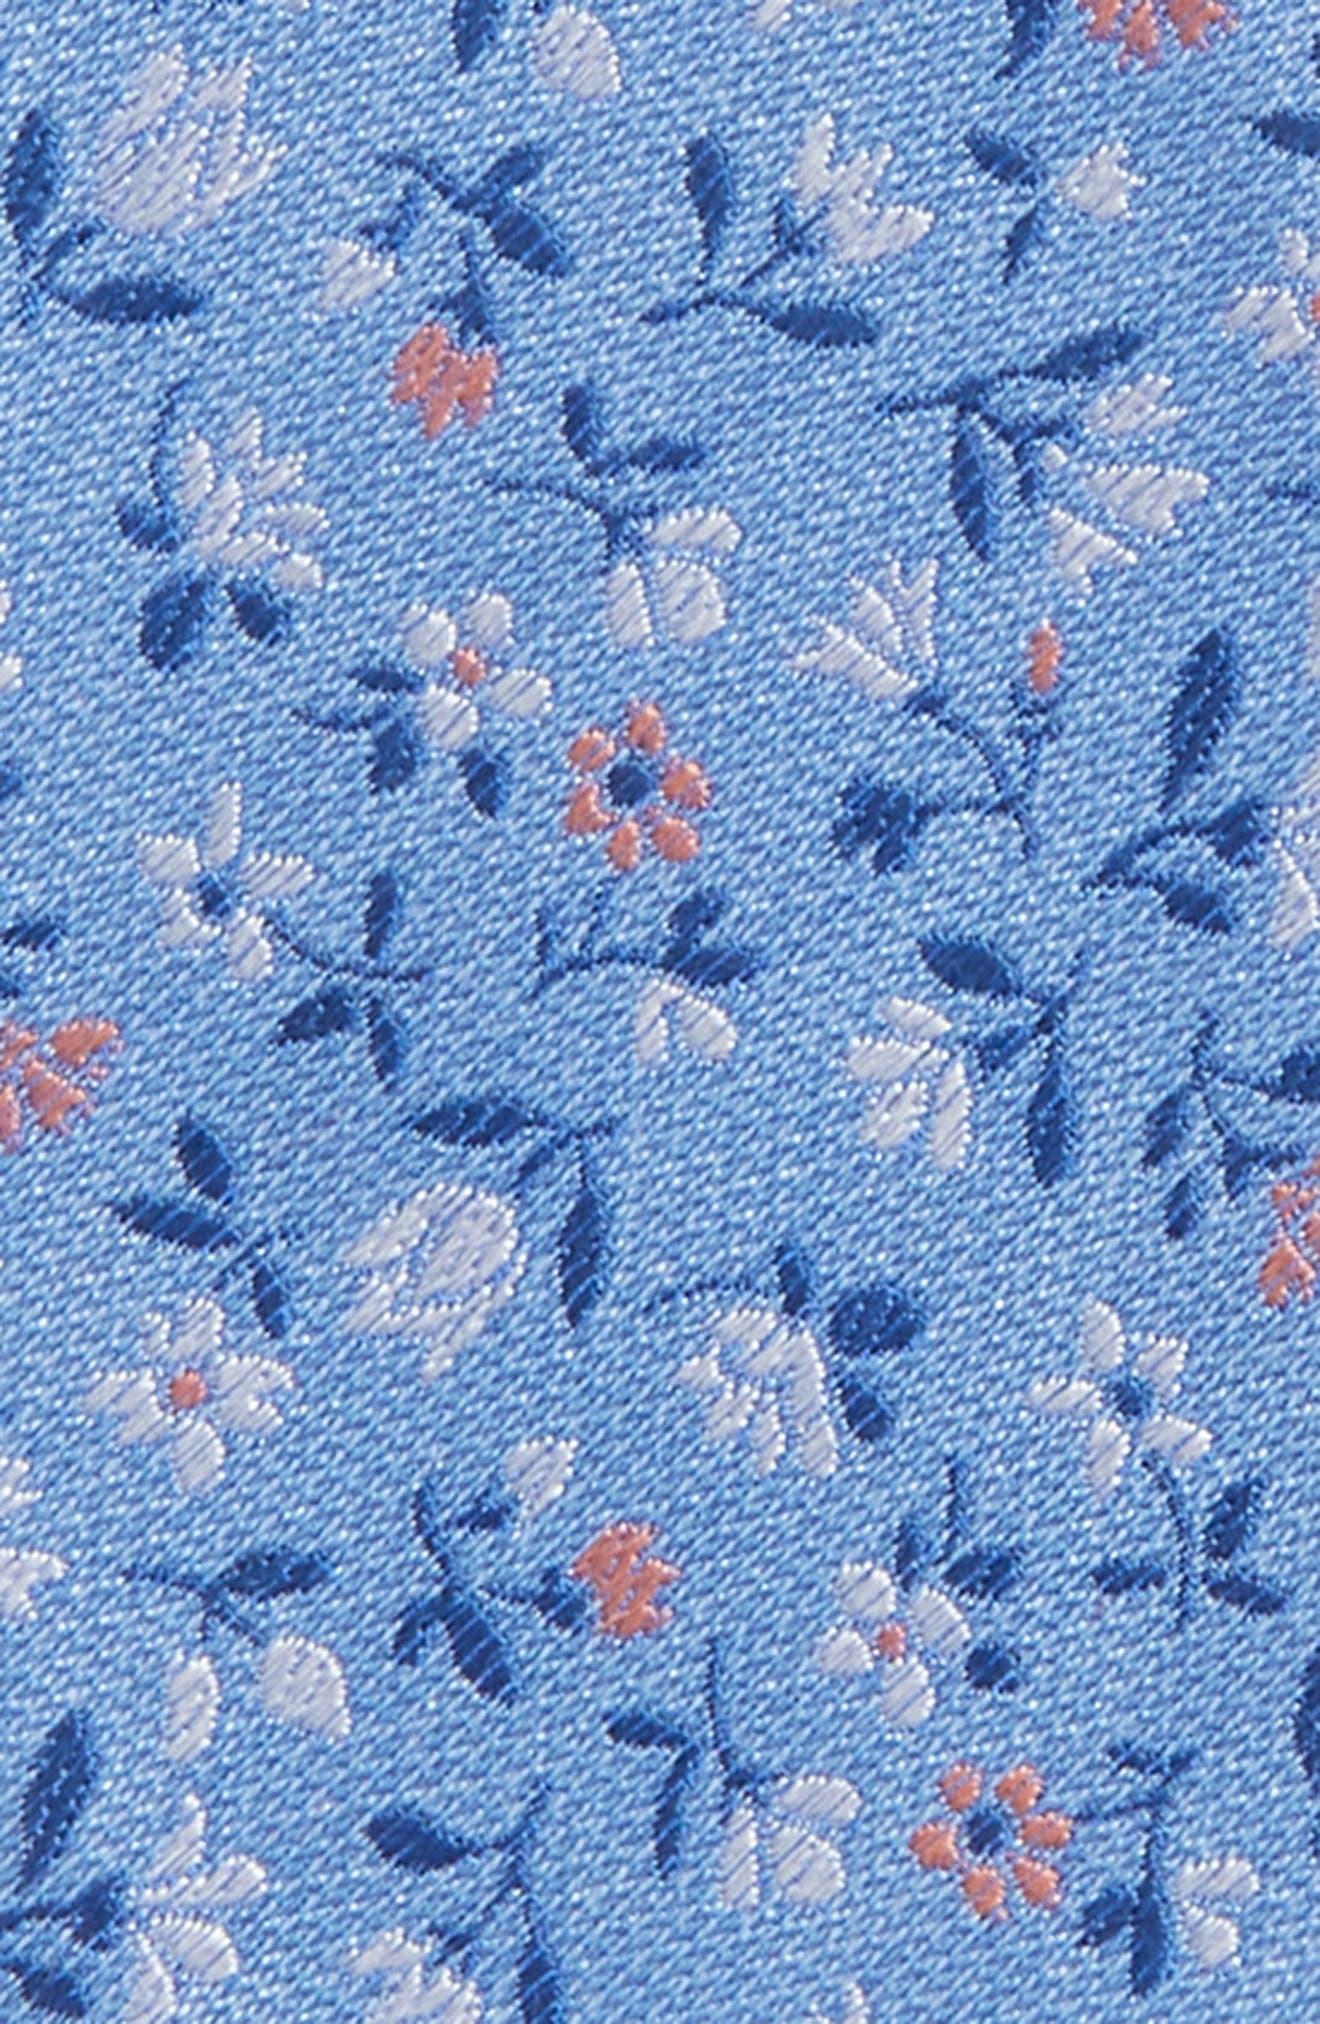 Floral Acres Bow Tie,                             Alternate thumbnail 9, color,